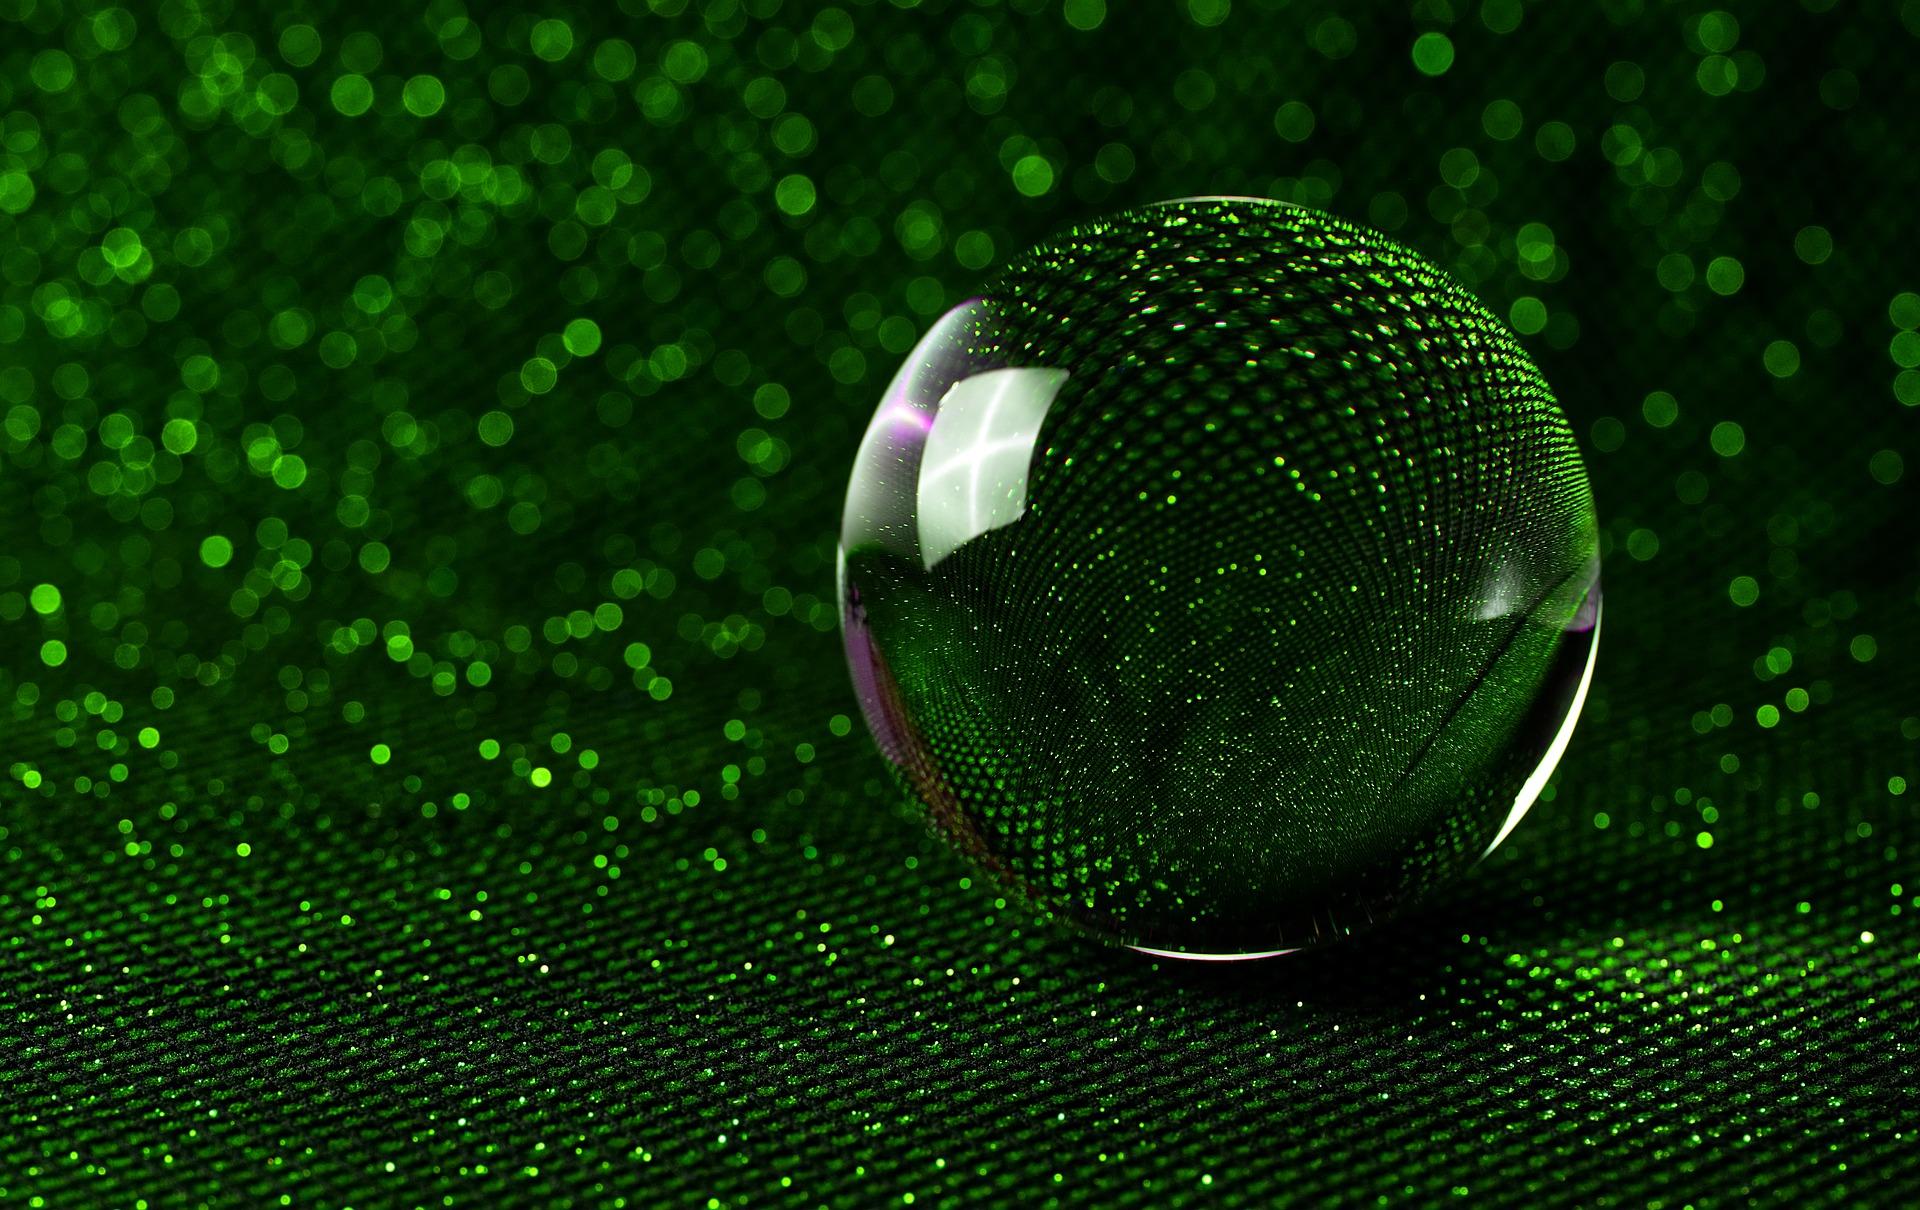 Glitzer Klebefolie - 17 tolle Ideen für Glitzer Folien